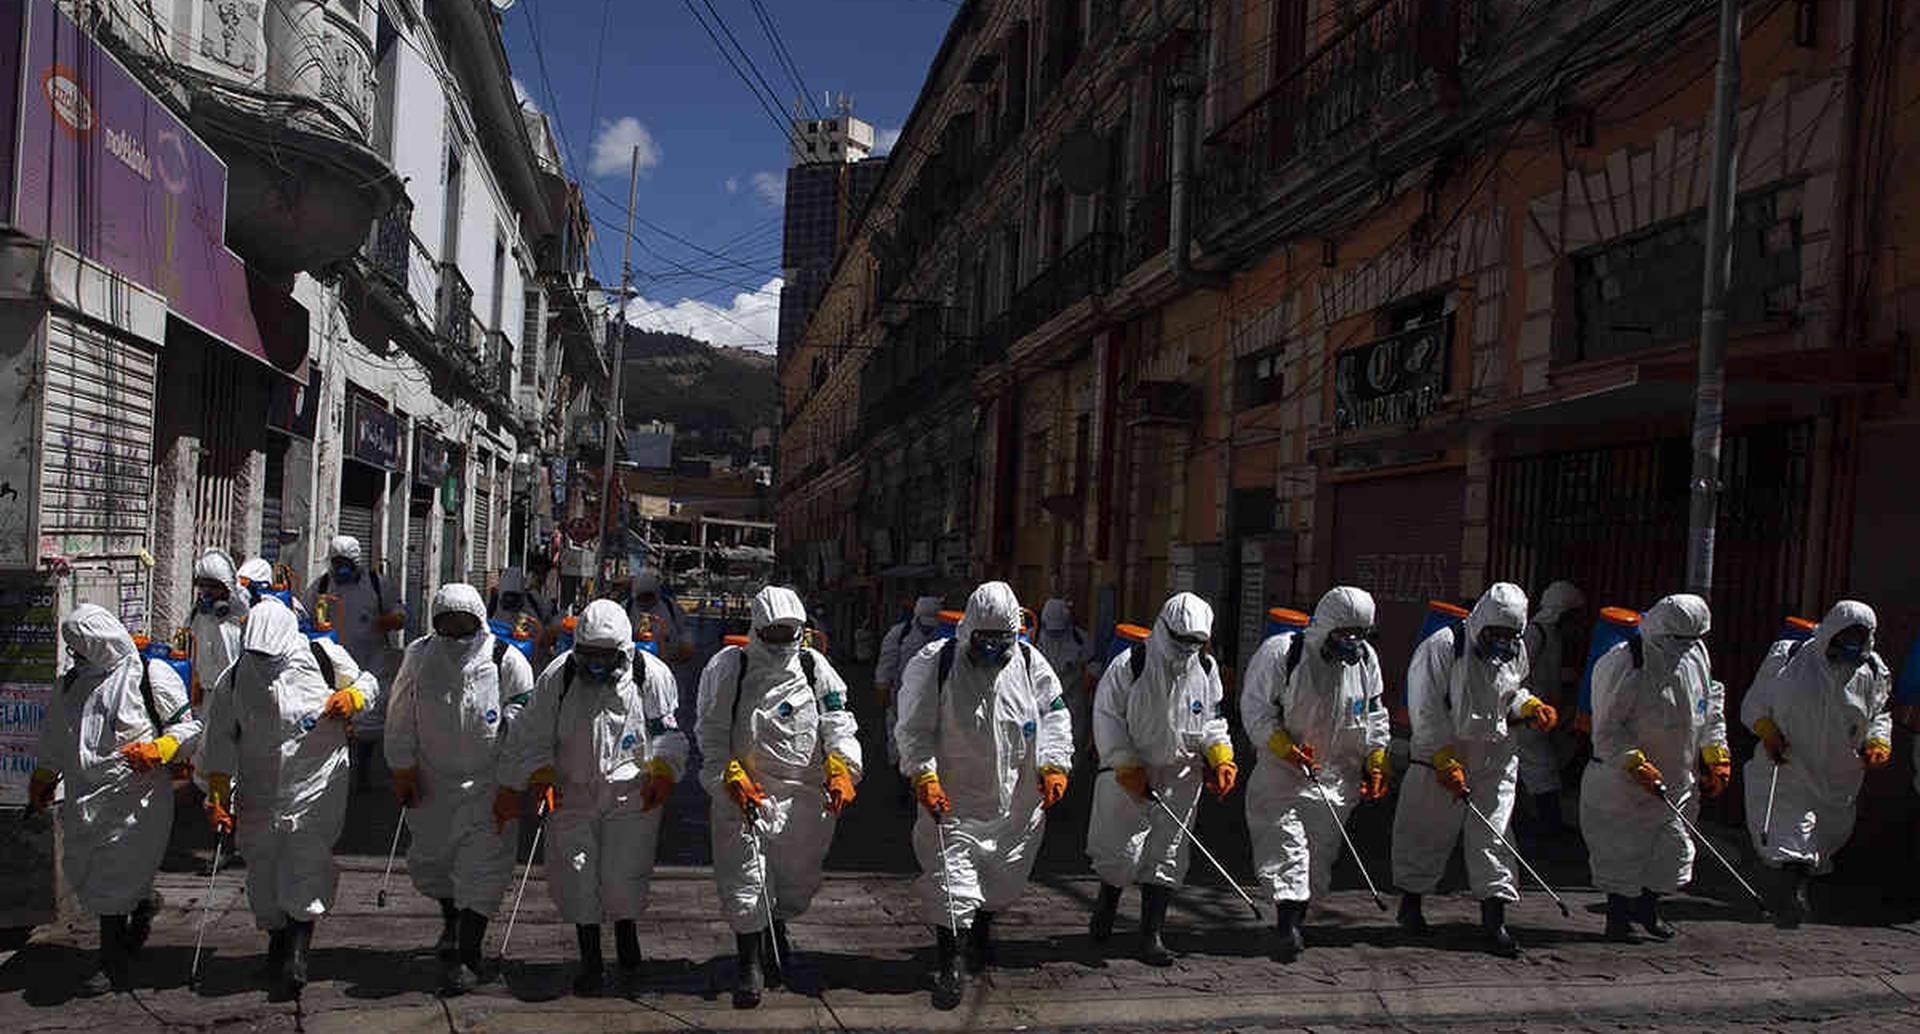 Operarios municipales de La Paz hacen su tarea de fumigar las calles como precaución contra el coronavirus. Era el 2 de abril. Bolivia confirmó la primera muerte por covid-19: una mujer de 78 años que tuvo fallo respiratorio. Foto: Juan Karita/ AP